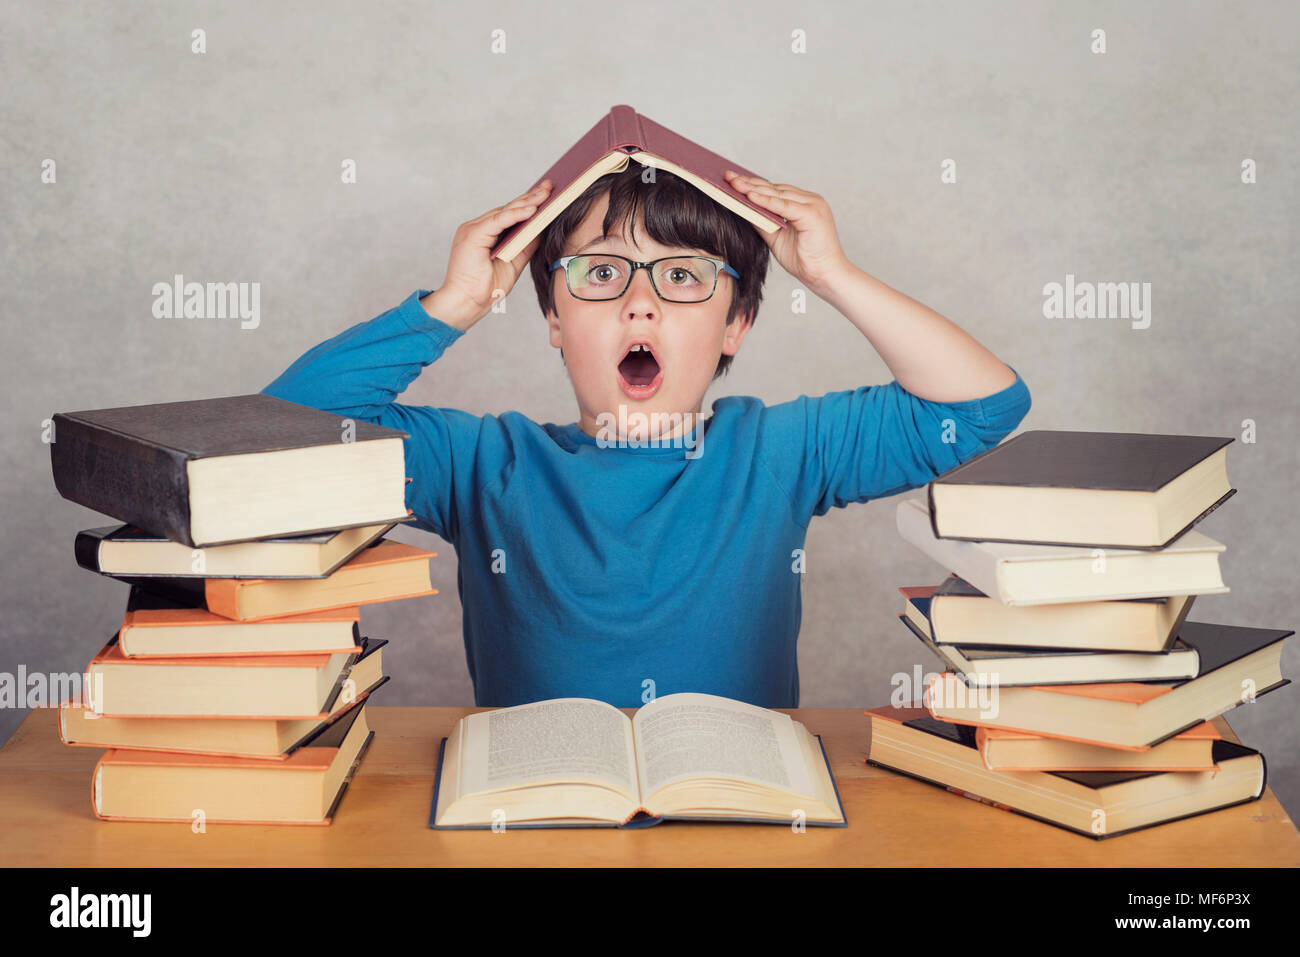 Sorprendido muchacho con libros sobre una mesa Imagen De Stock